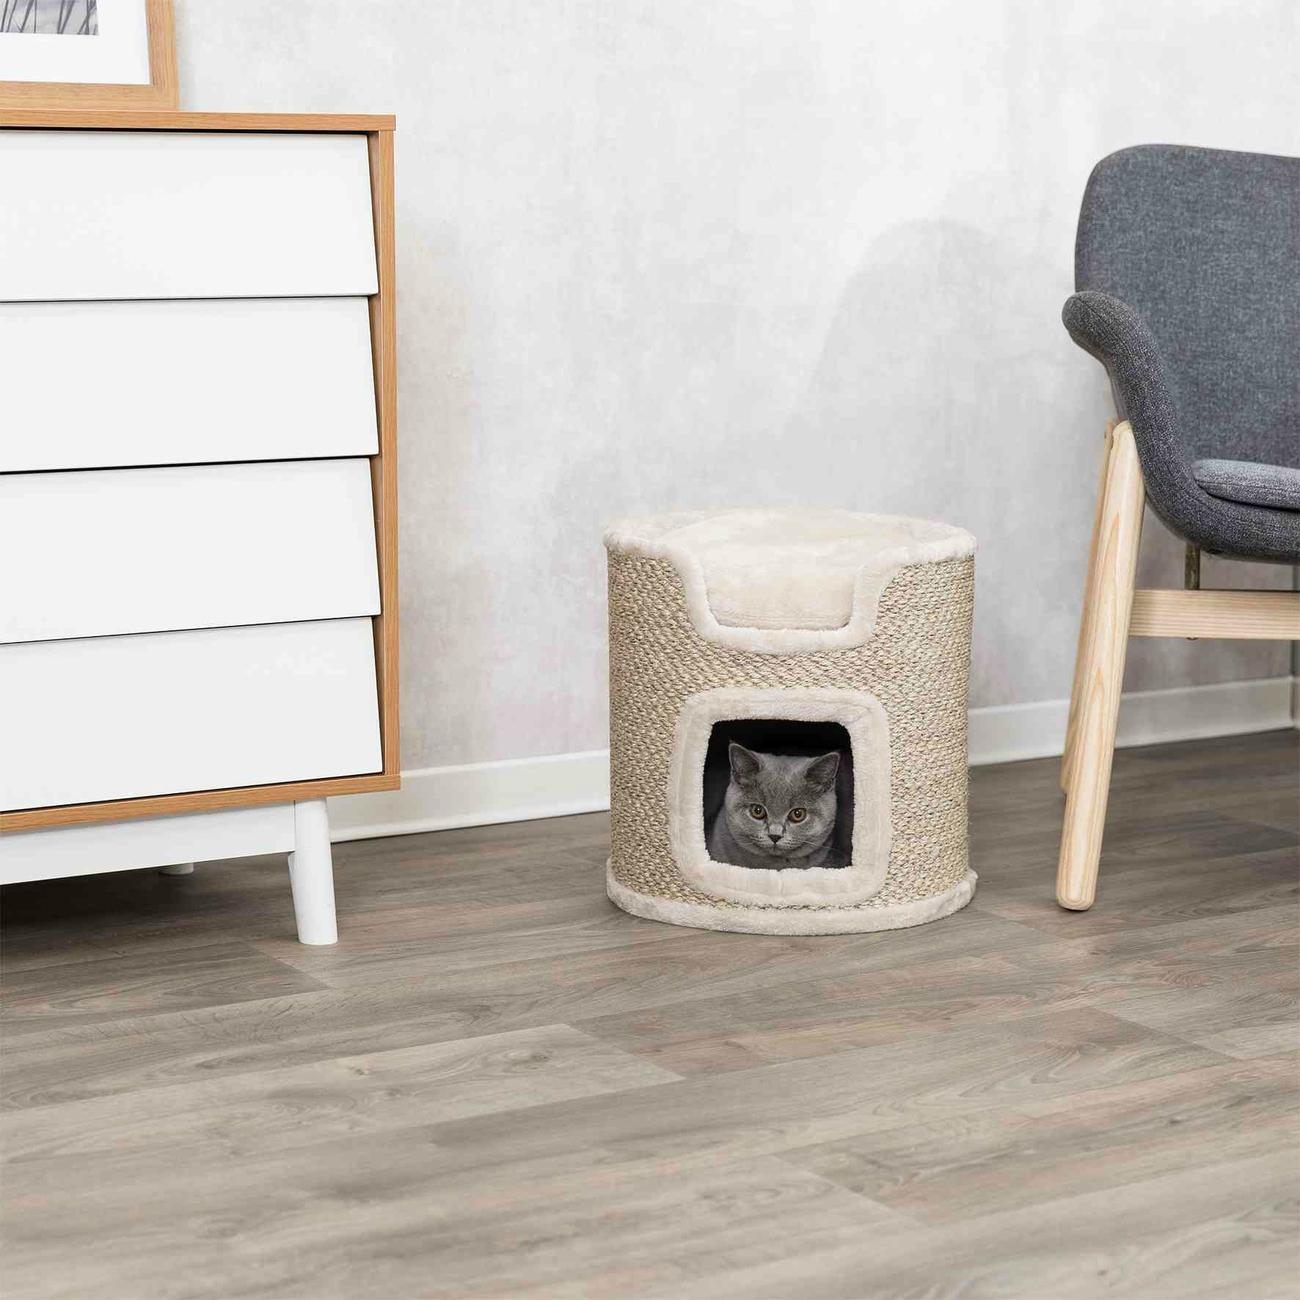 Trixie Katzenturm Cat Tower Ria 44706, Bild 3